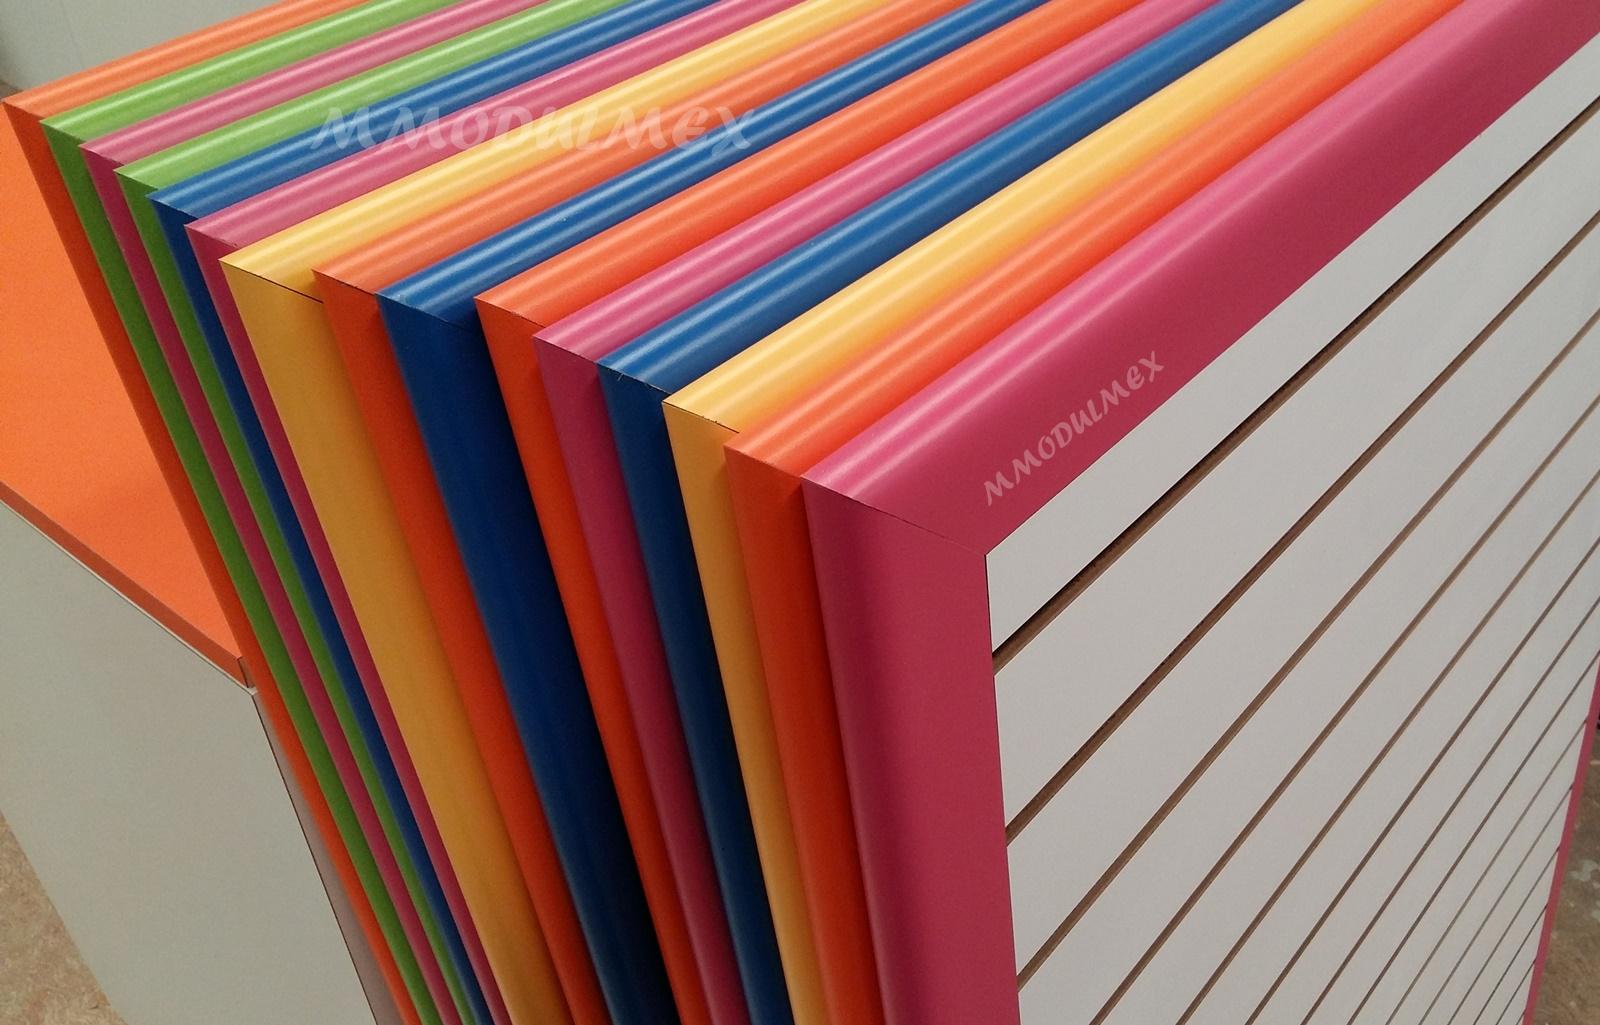 Estantes estanteria anaqueles repisas entrepa os - Estantes de madera para pared ...